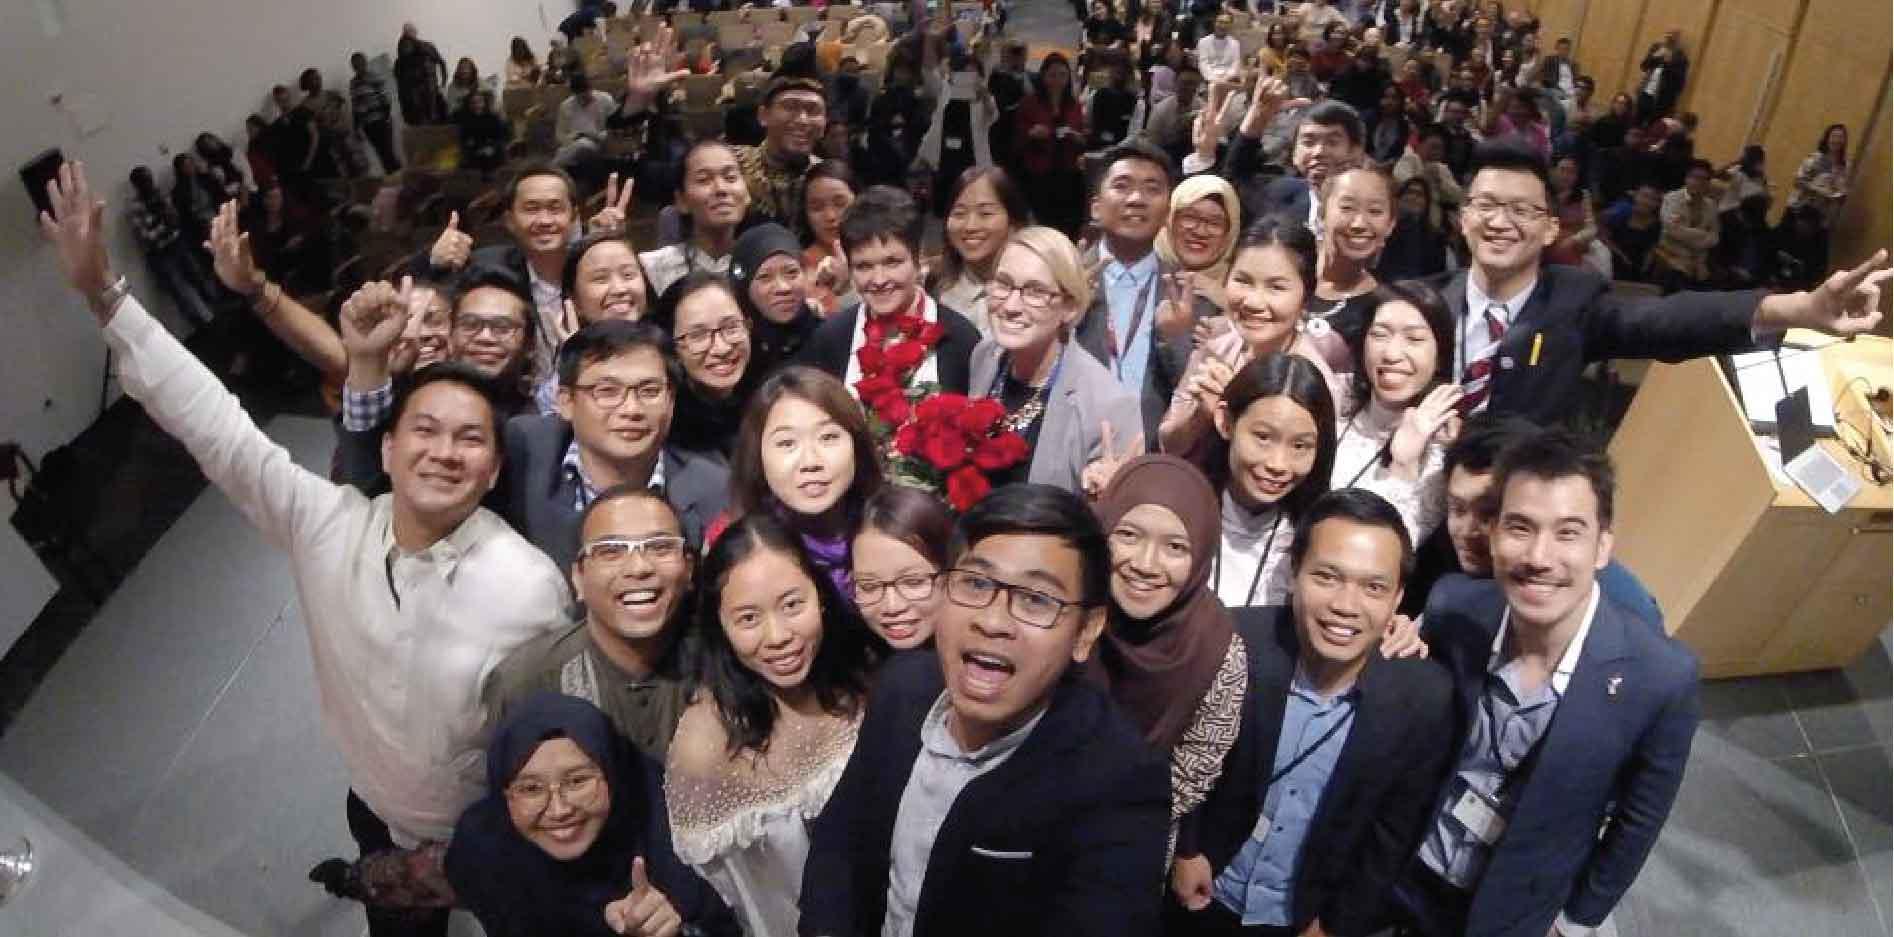 Chia sẻ về Chương trình lãnh đạo YSEALI Professional Fellow Program dành cho Thủ lĩnh trẻ!